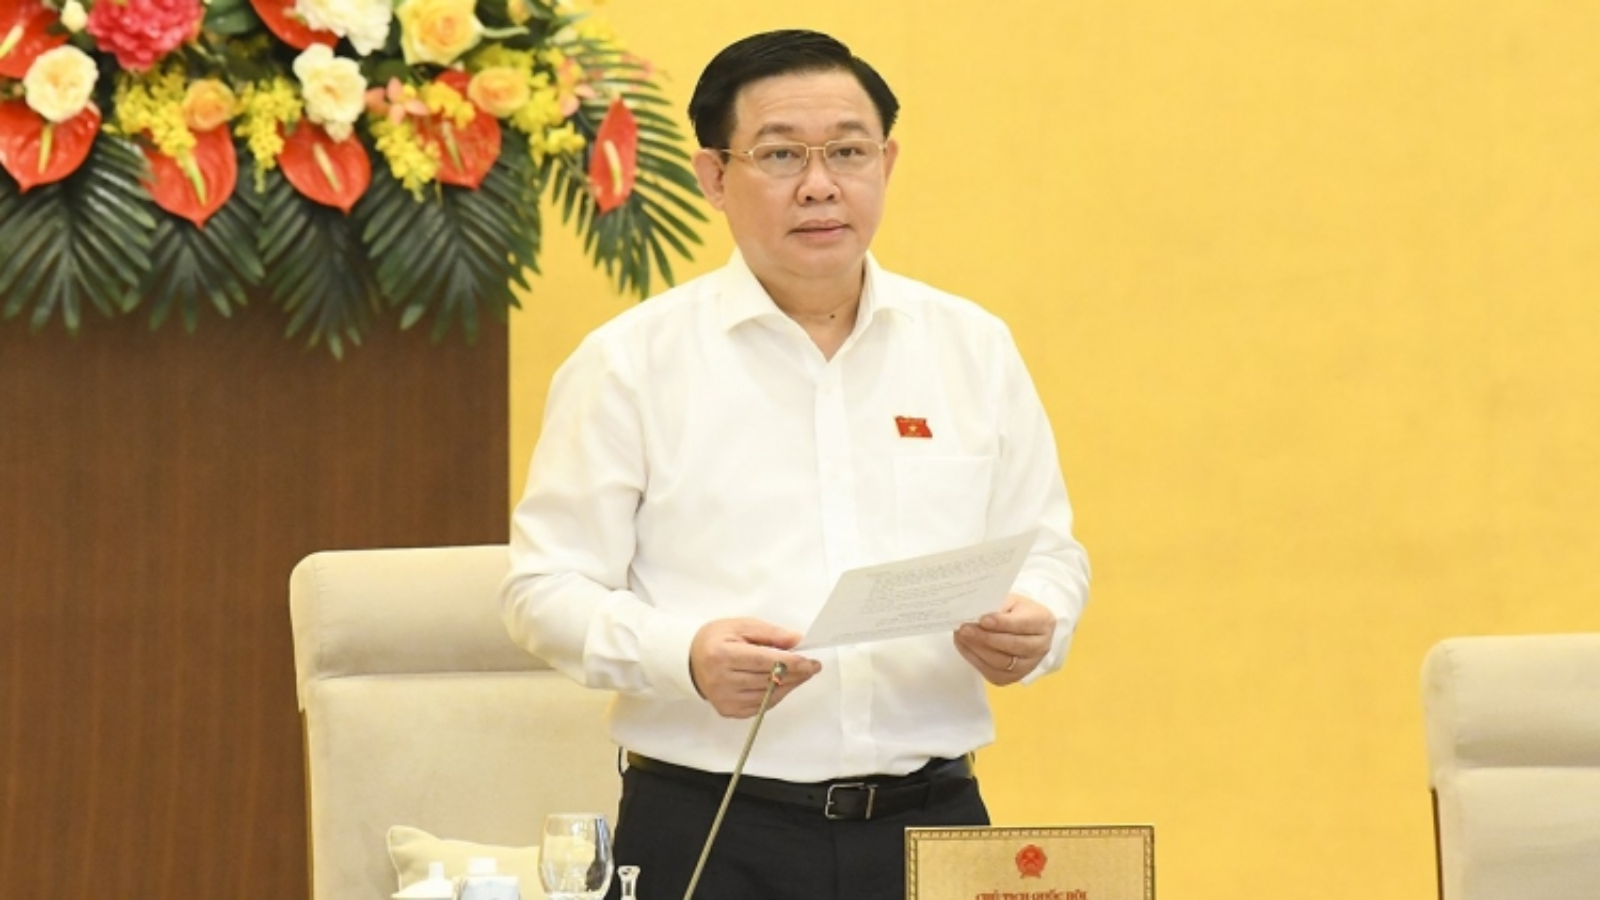 Chủ tịch Quốc hội: Chuẩn bị kỹ lưỡng cho Kỳ họp thứ 2 để quyết đúng, quyết trúng